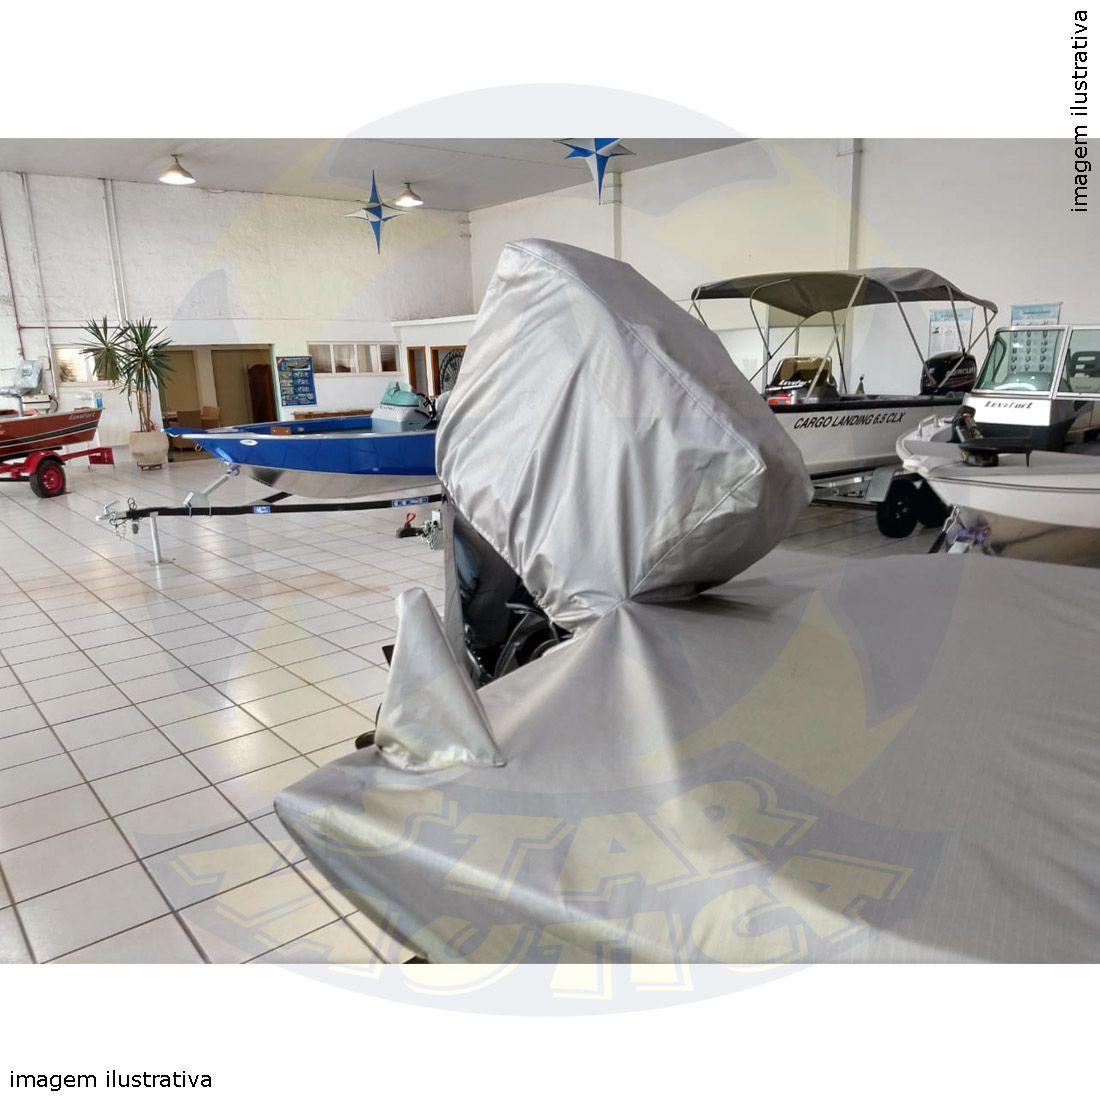 Capa Lona de Cobertura Lancha Big Fish 5514 Flex Lona Metalizada